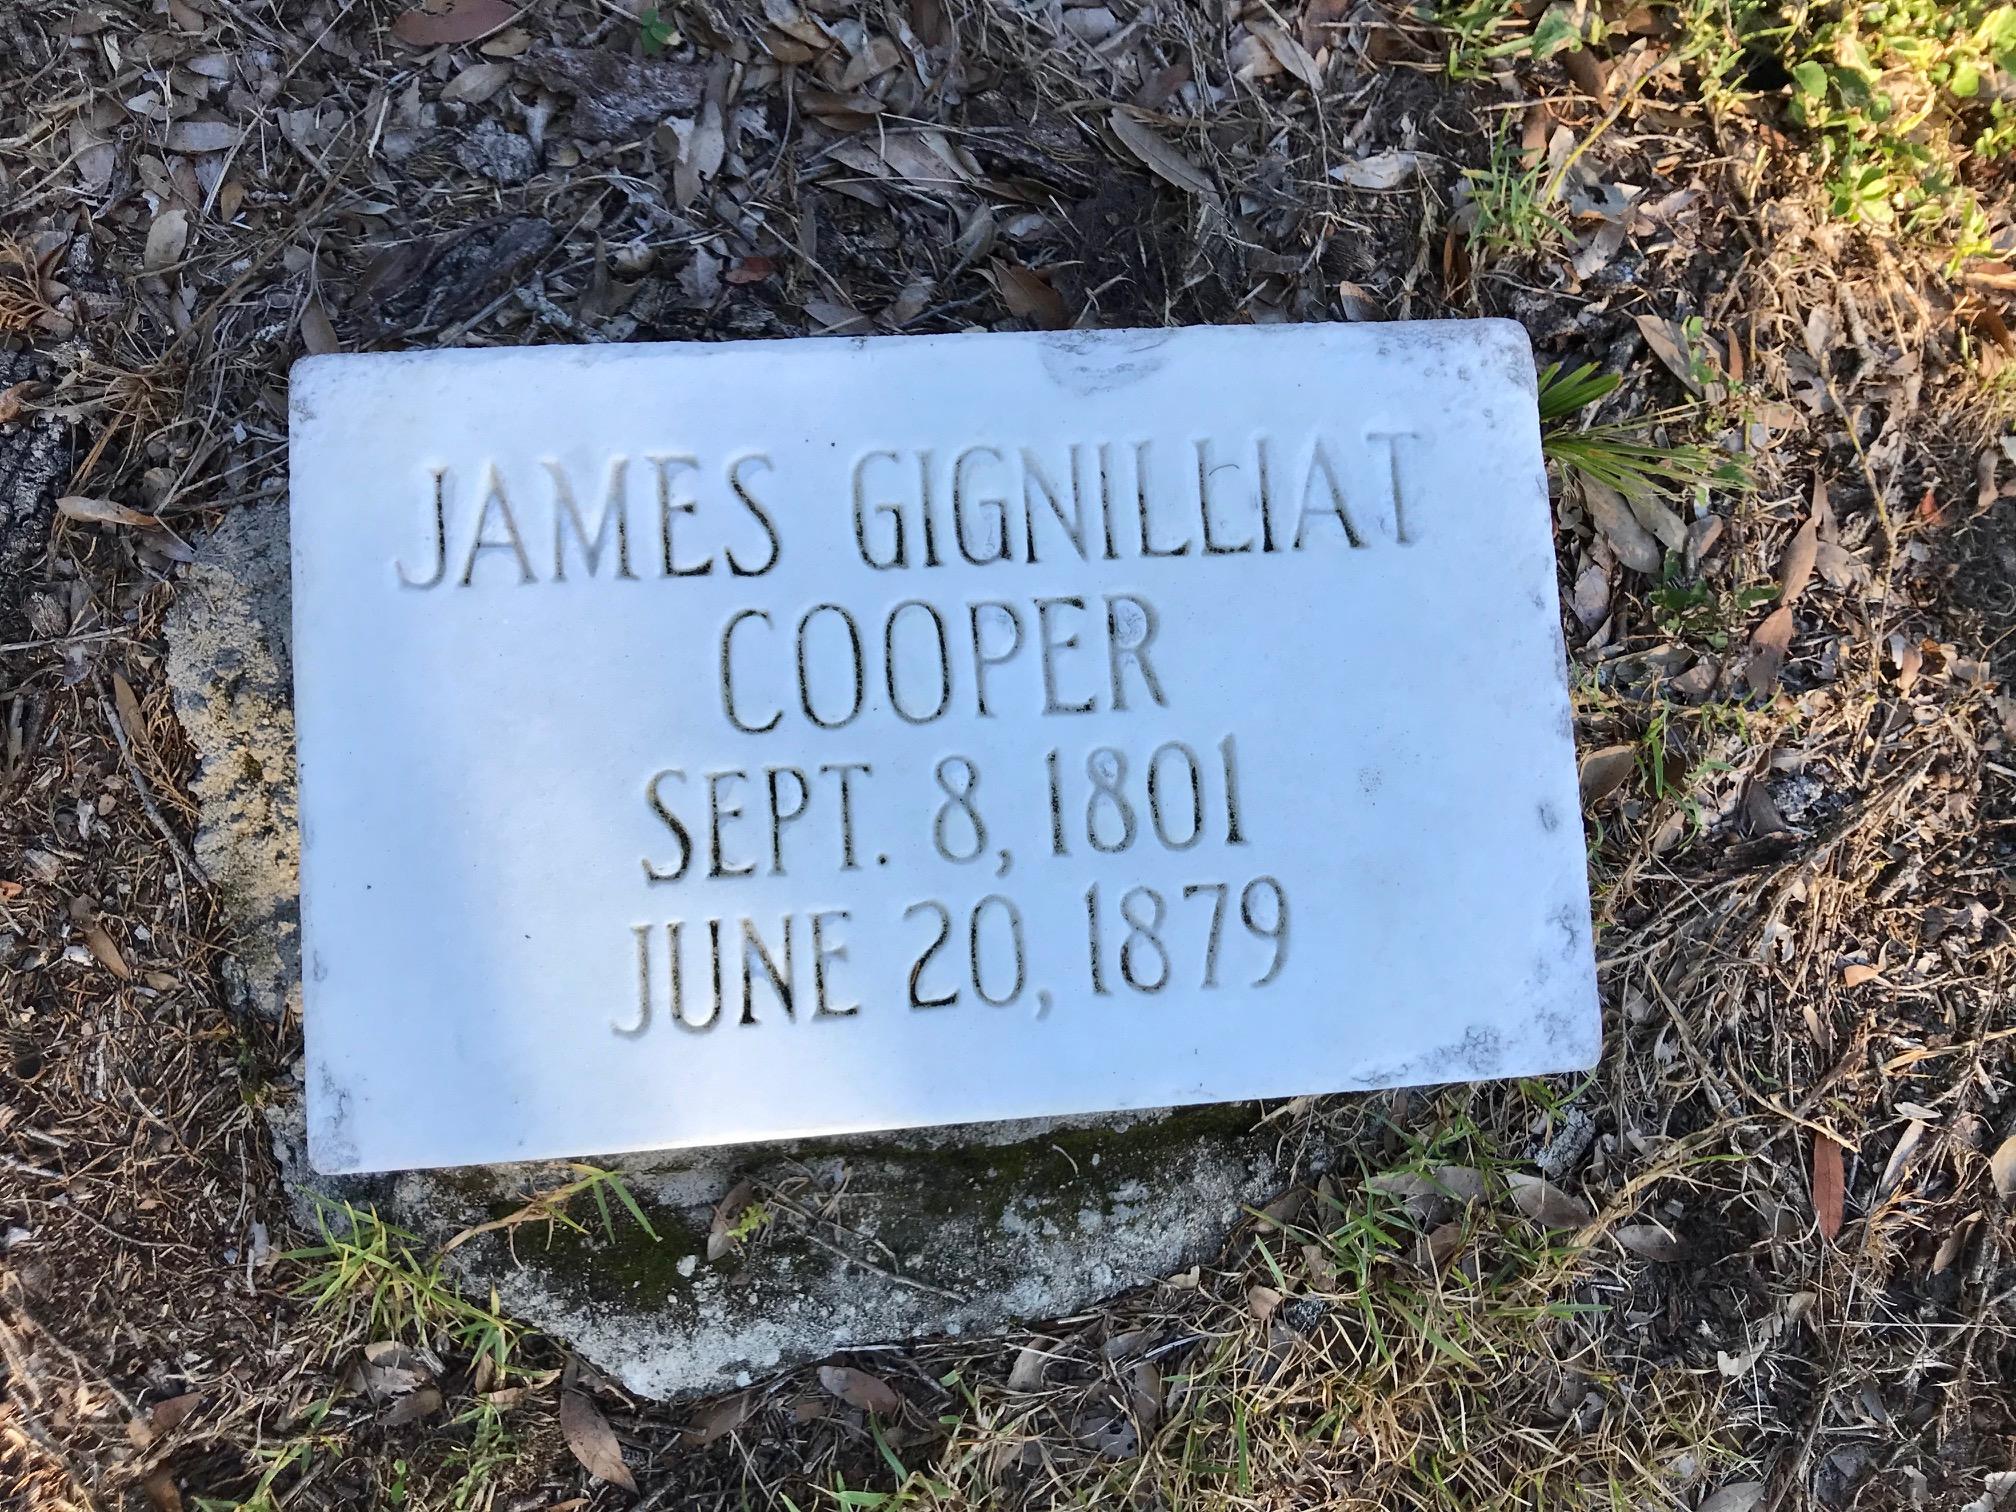 James Gignilliat Cooper